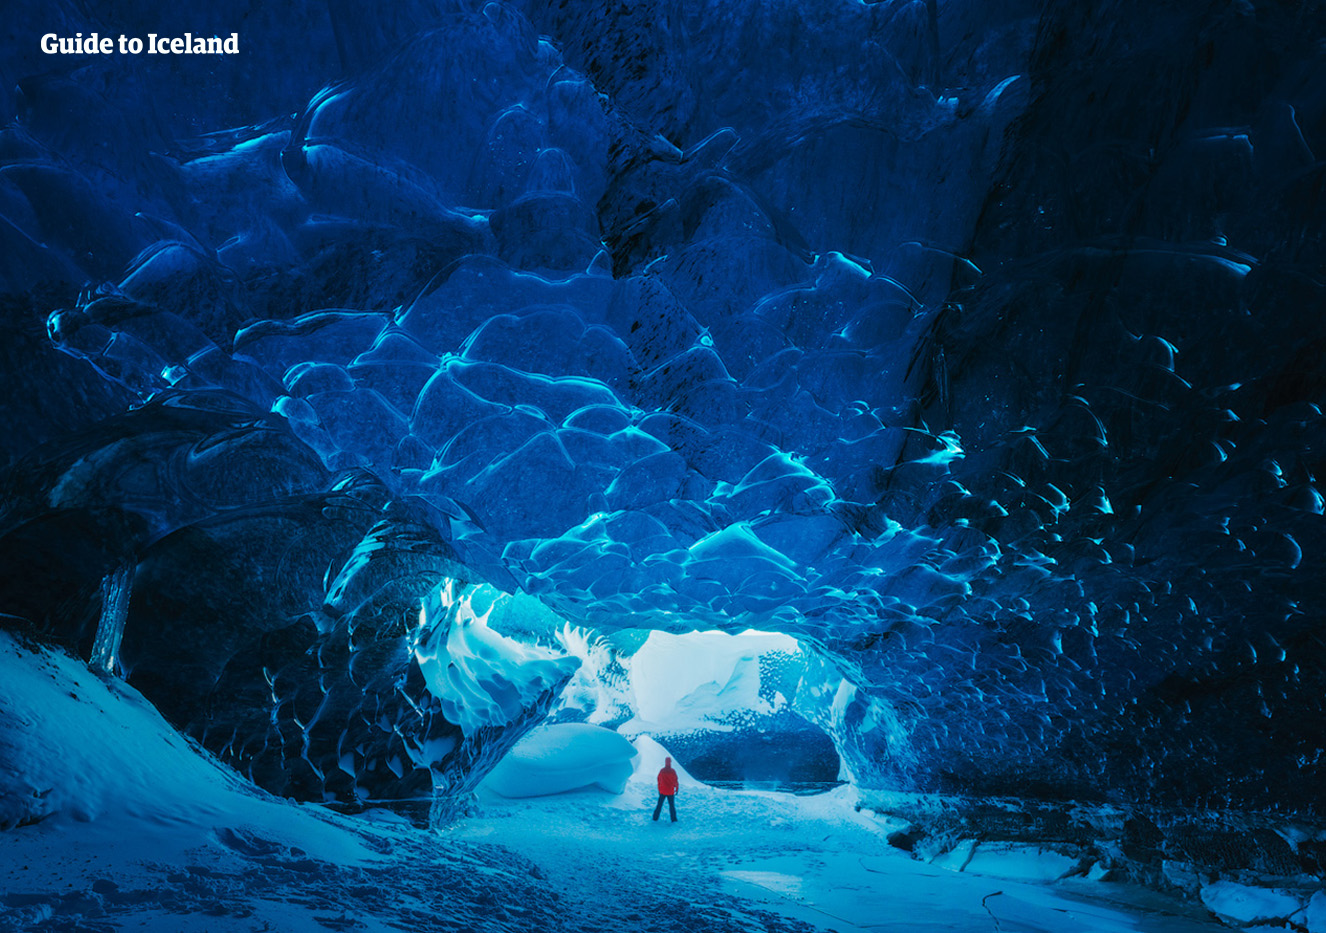 L'interno blu abbagliante delle grotte di ghiaccio islandesi.